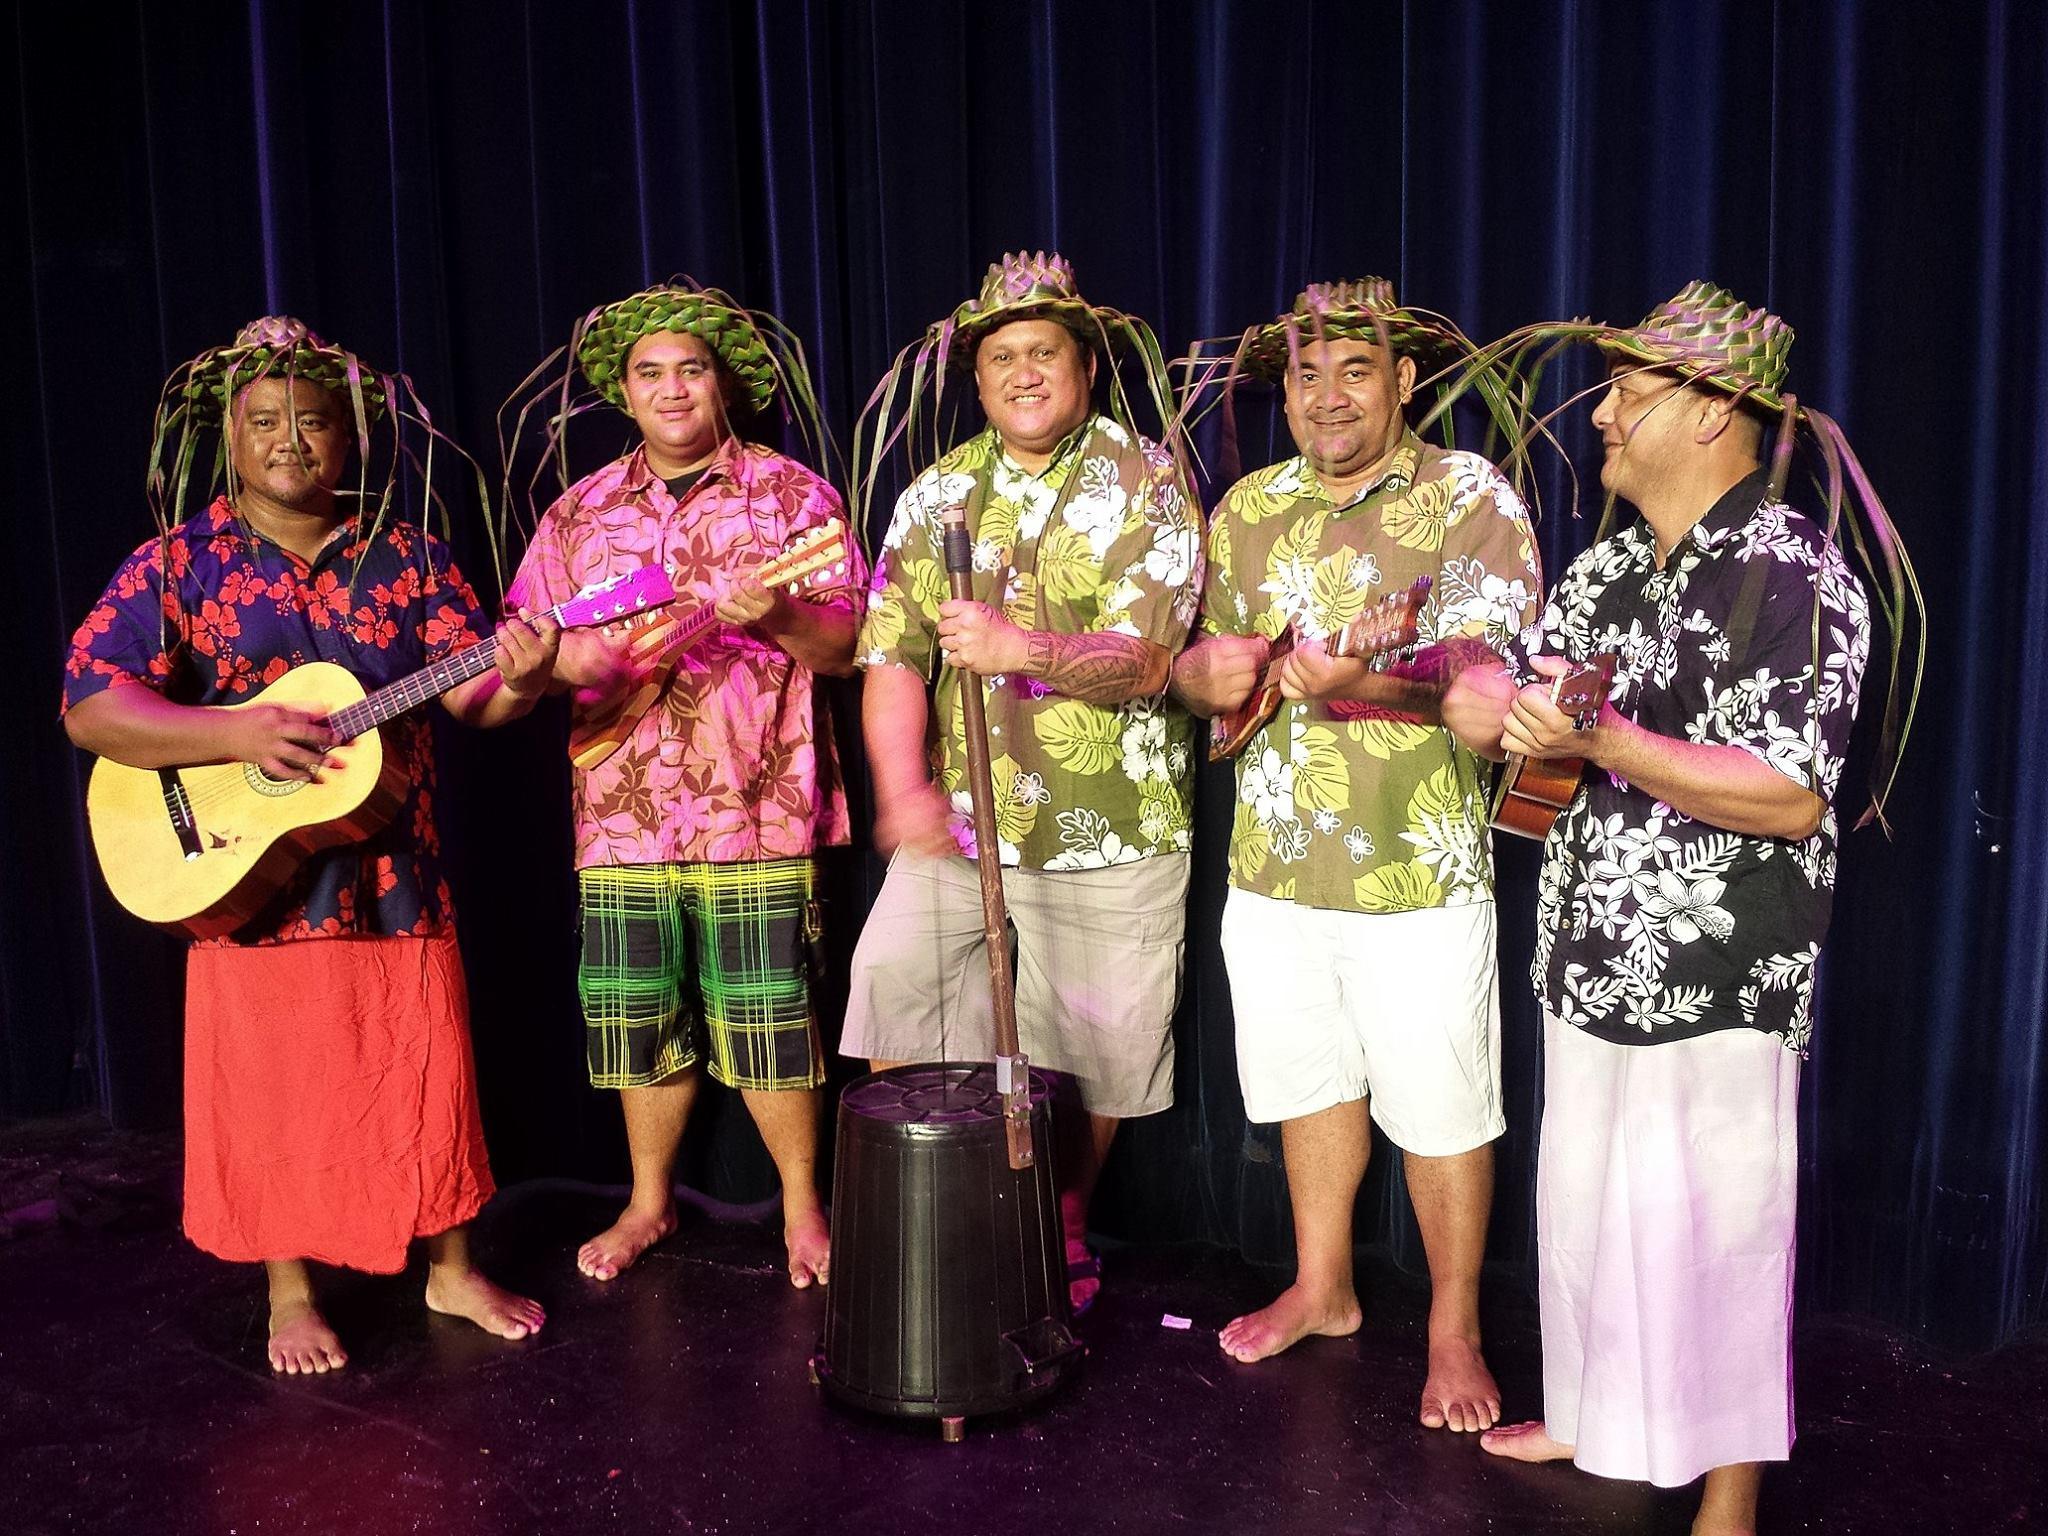 Ouvert aux pratiquants professionnels et amateurs, ce concours accueille des groupes composés de quatre à cinq musiciens.